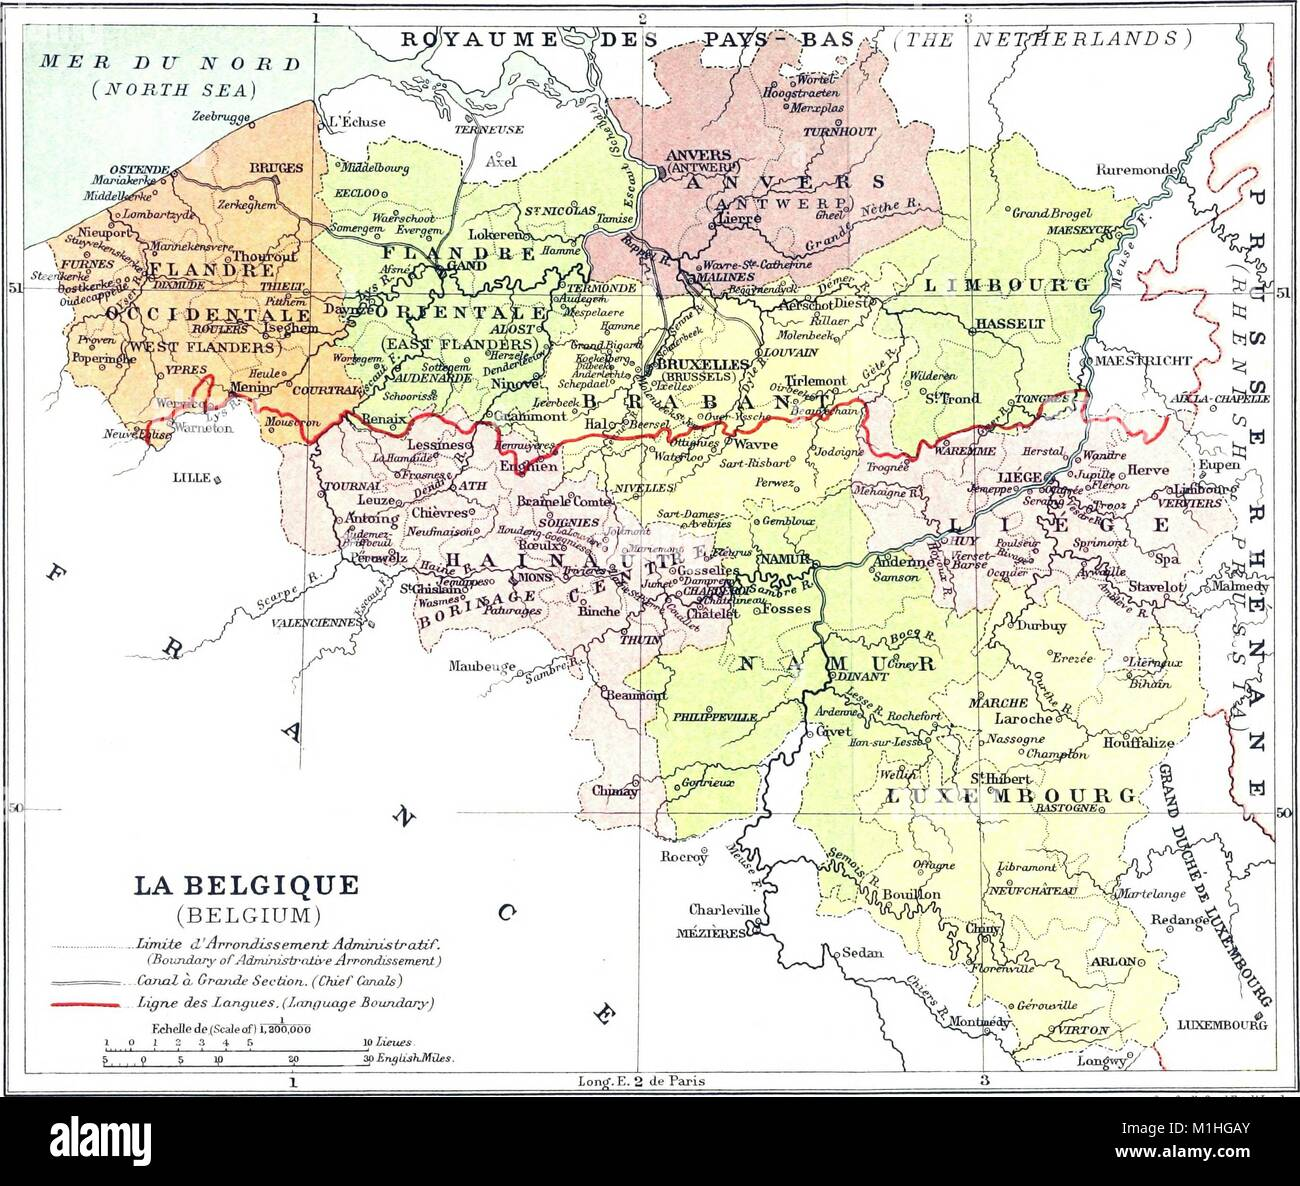 Carte Belgique Canaux.Carte Politique De La Belgique En Couleur Avec Une Echelle